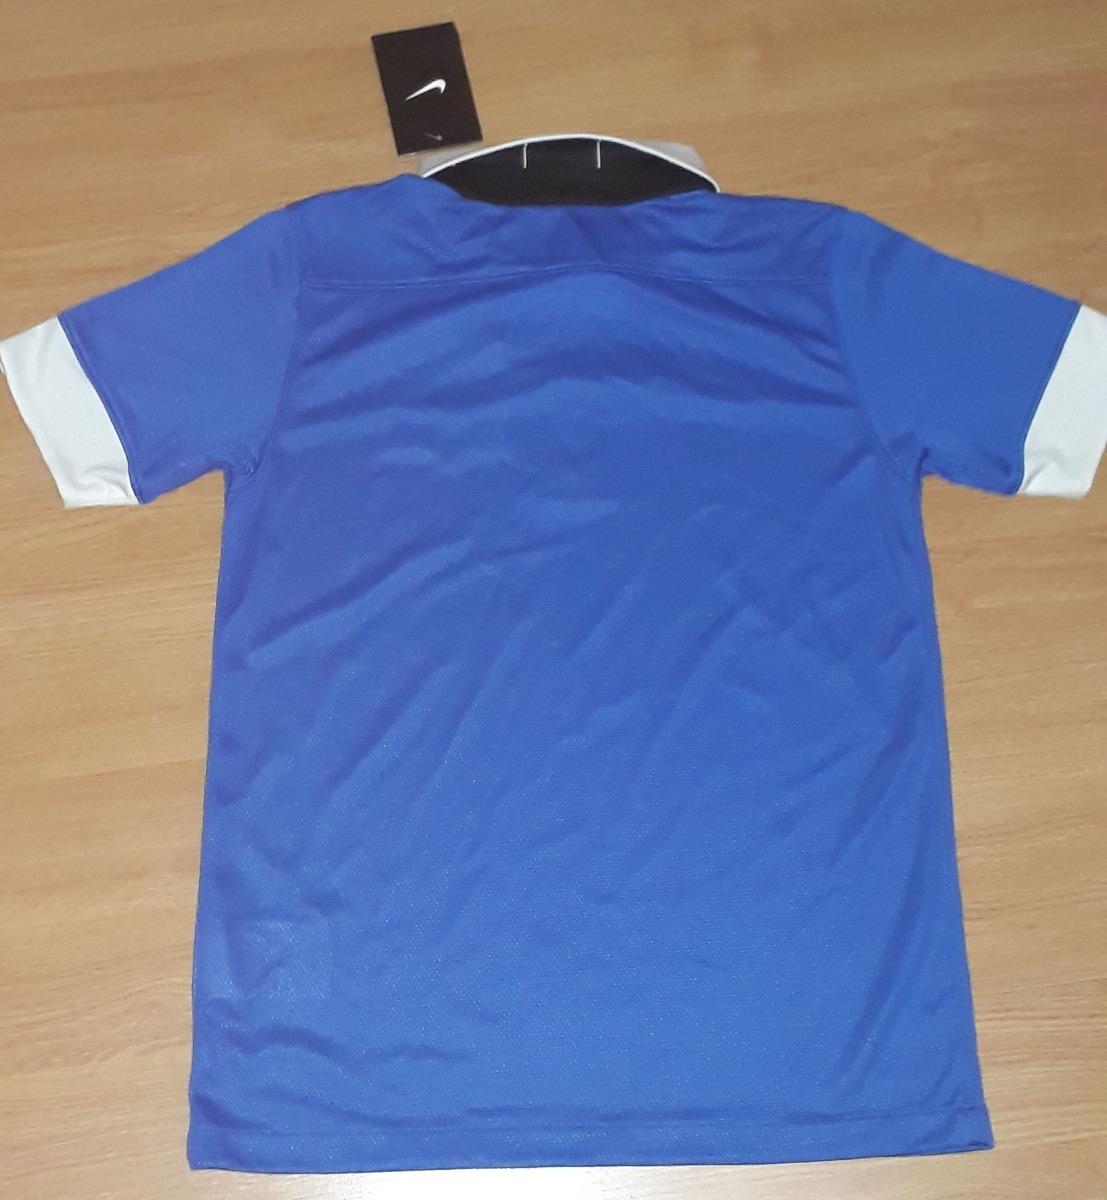 a6fd41721e camisa corinthians infantil azul nova original. Carregando zoom.